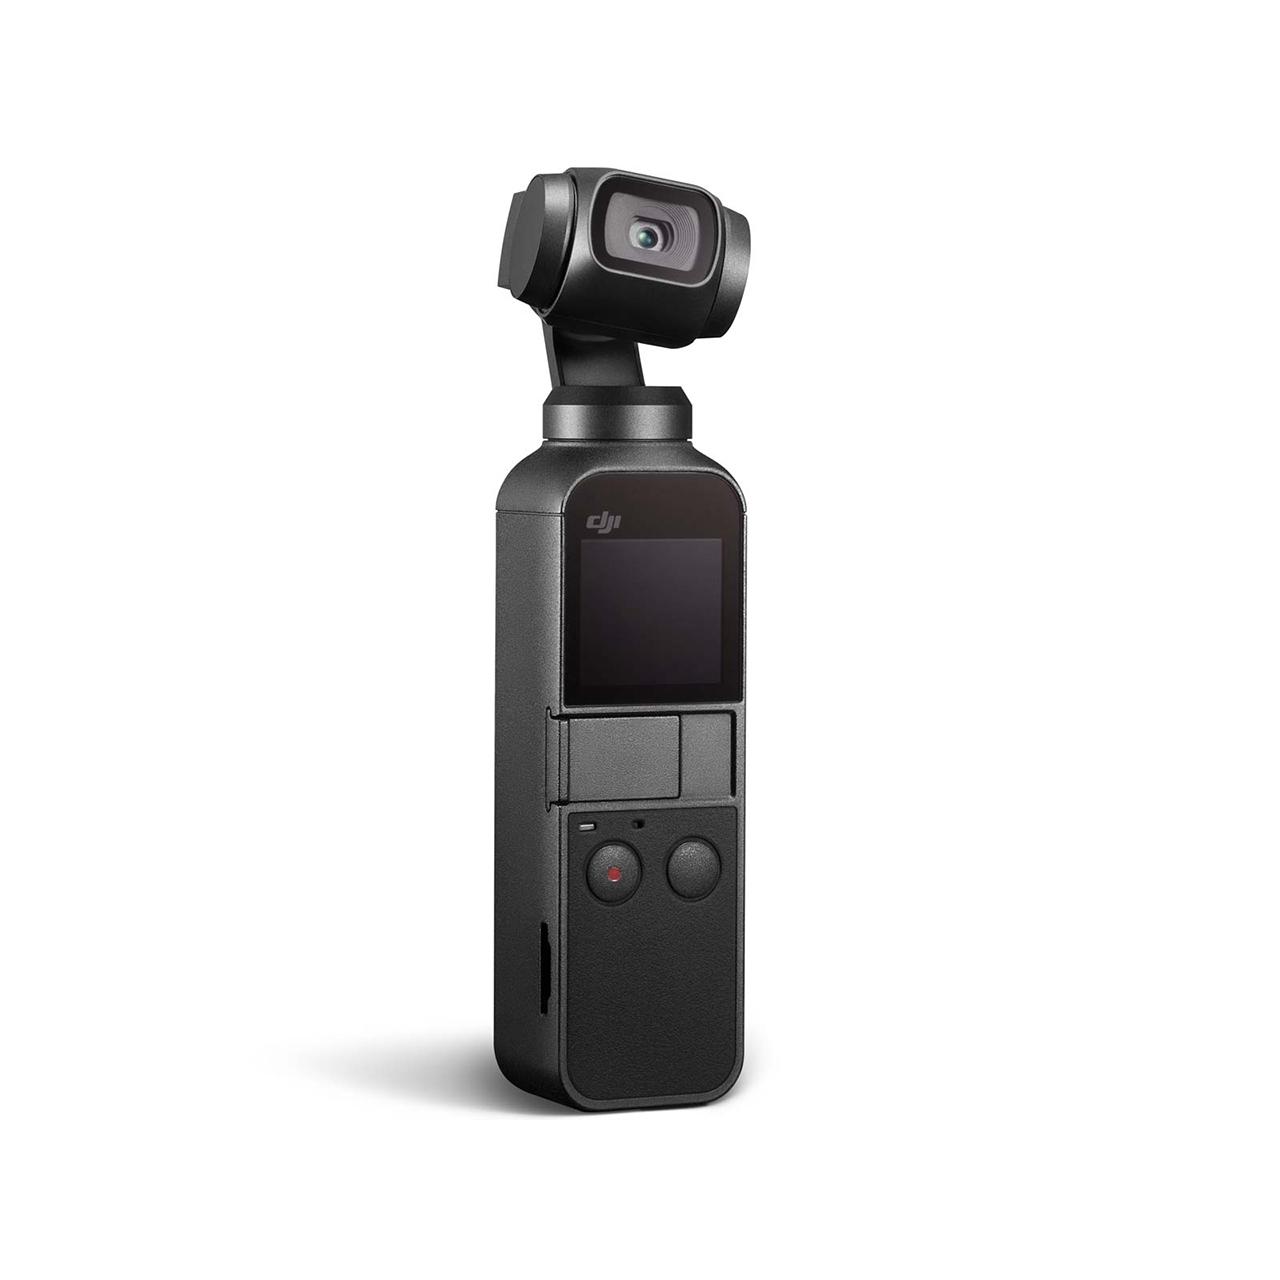 دوربین فیلم برداری دی جی آی مدل Osmo Pocket